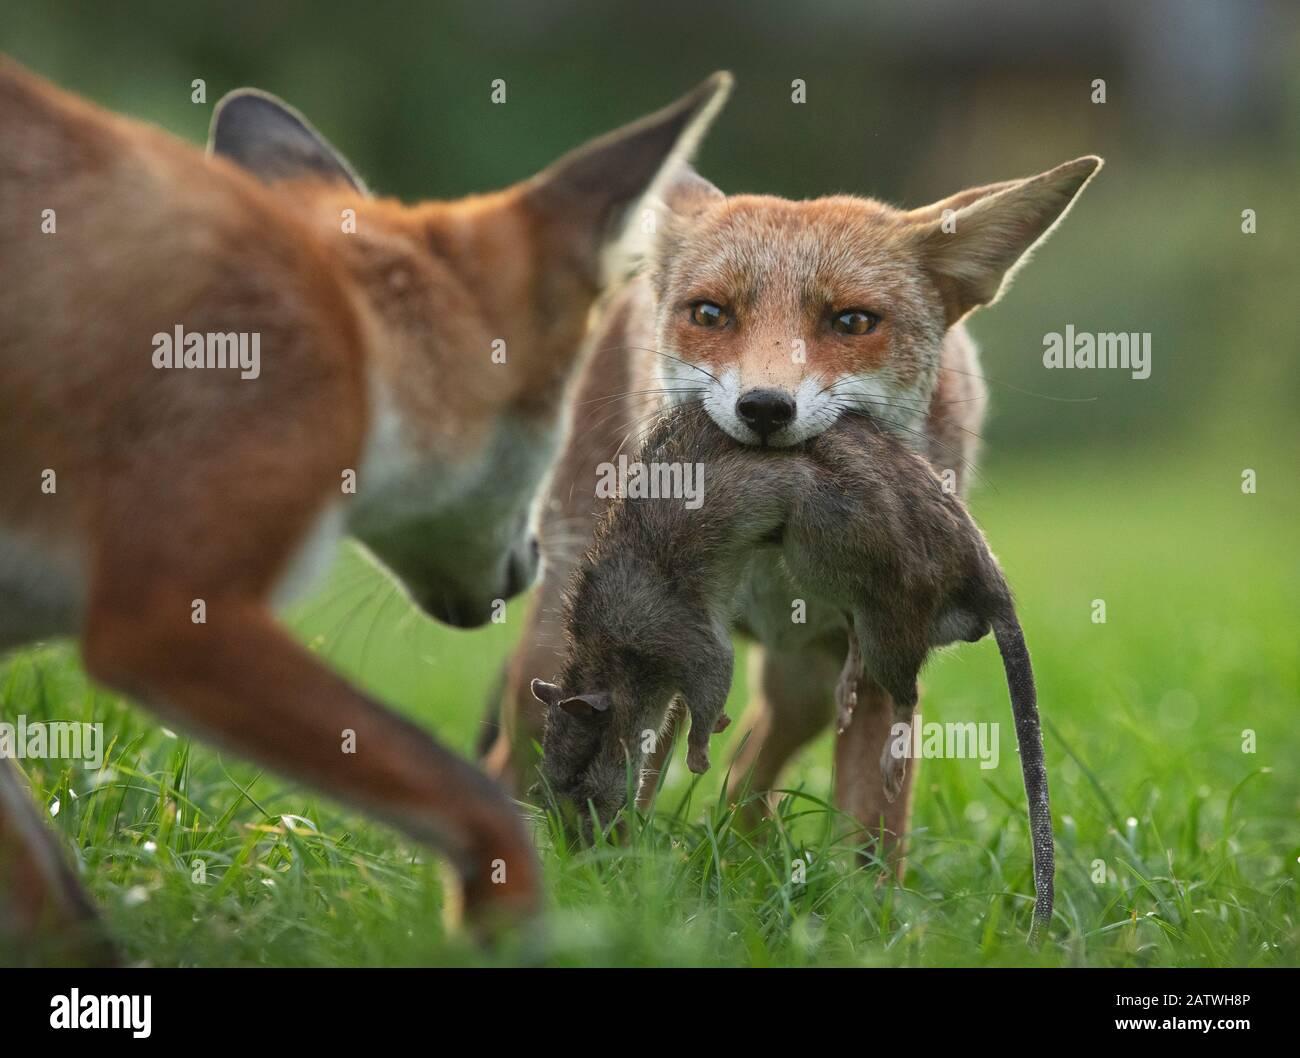 Renard rouge (Vulpes vulpes) cub défendant sa mort (un grand rat brun mort (Rattus norvegicus)) d'un autre cub, North London, UK. Août. Banque D'Images